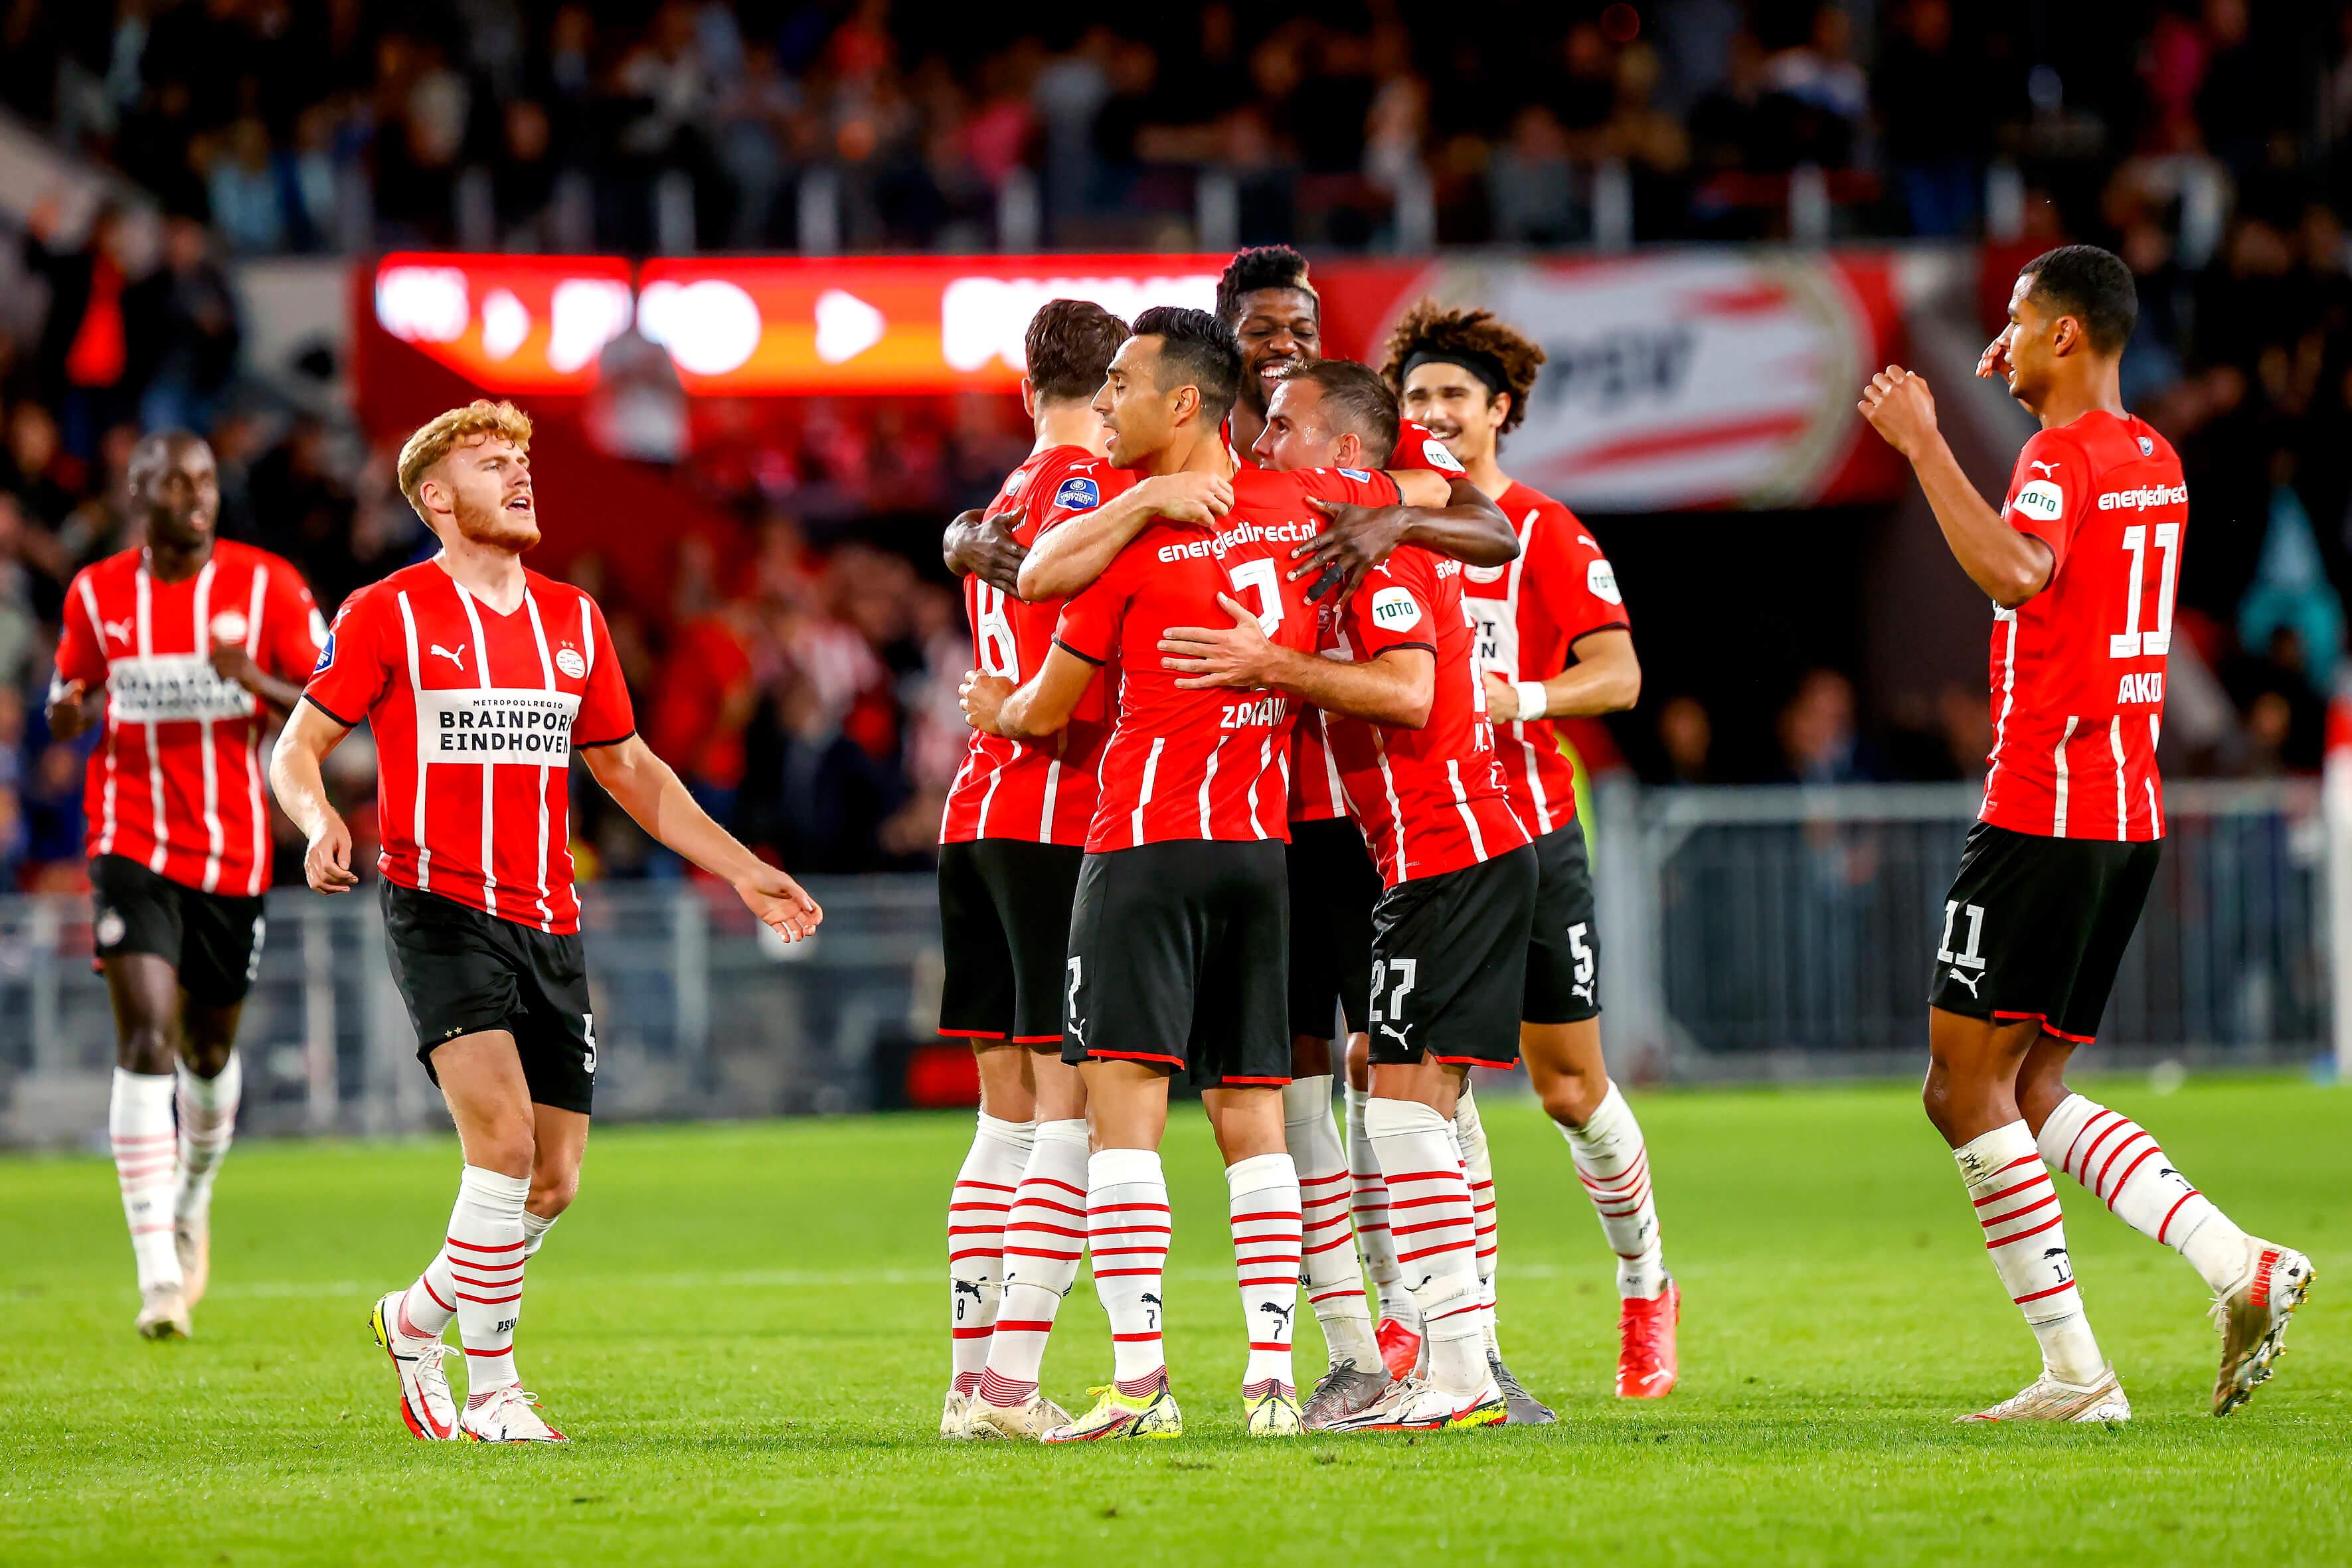 PSV in doelpuntrijk duel te sterk voor FC Groningen; image source: Pro Shots